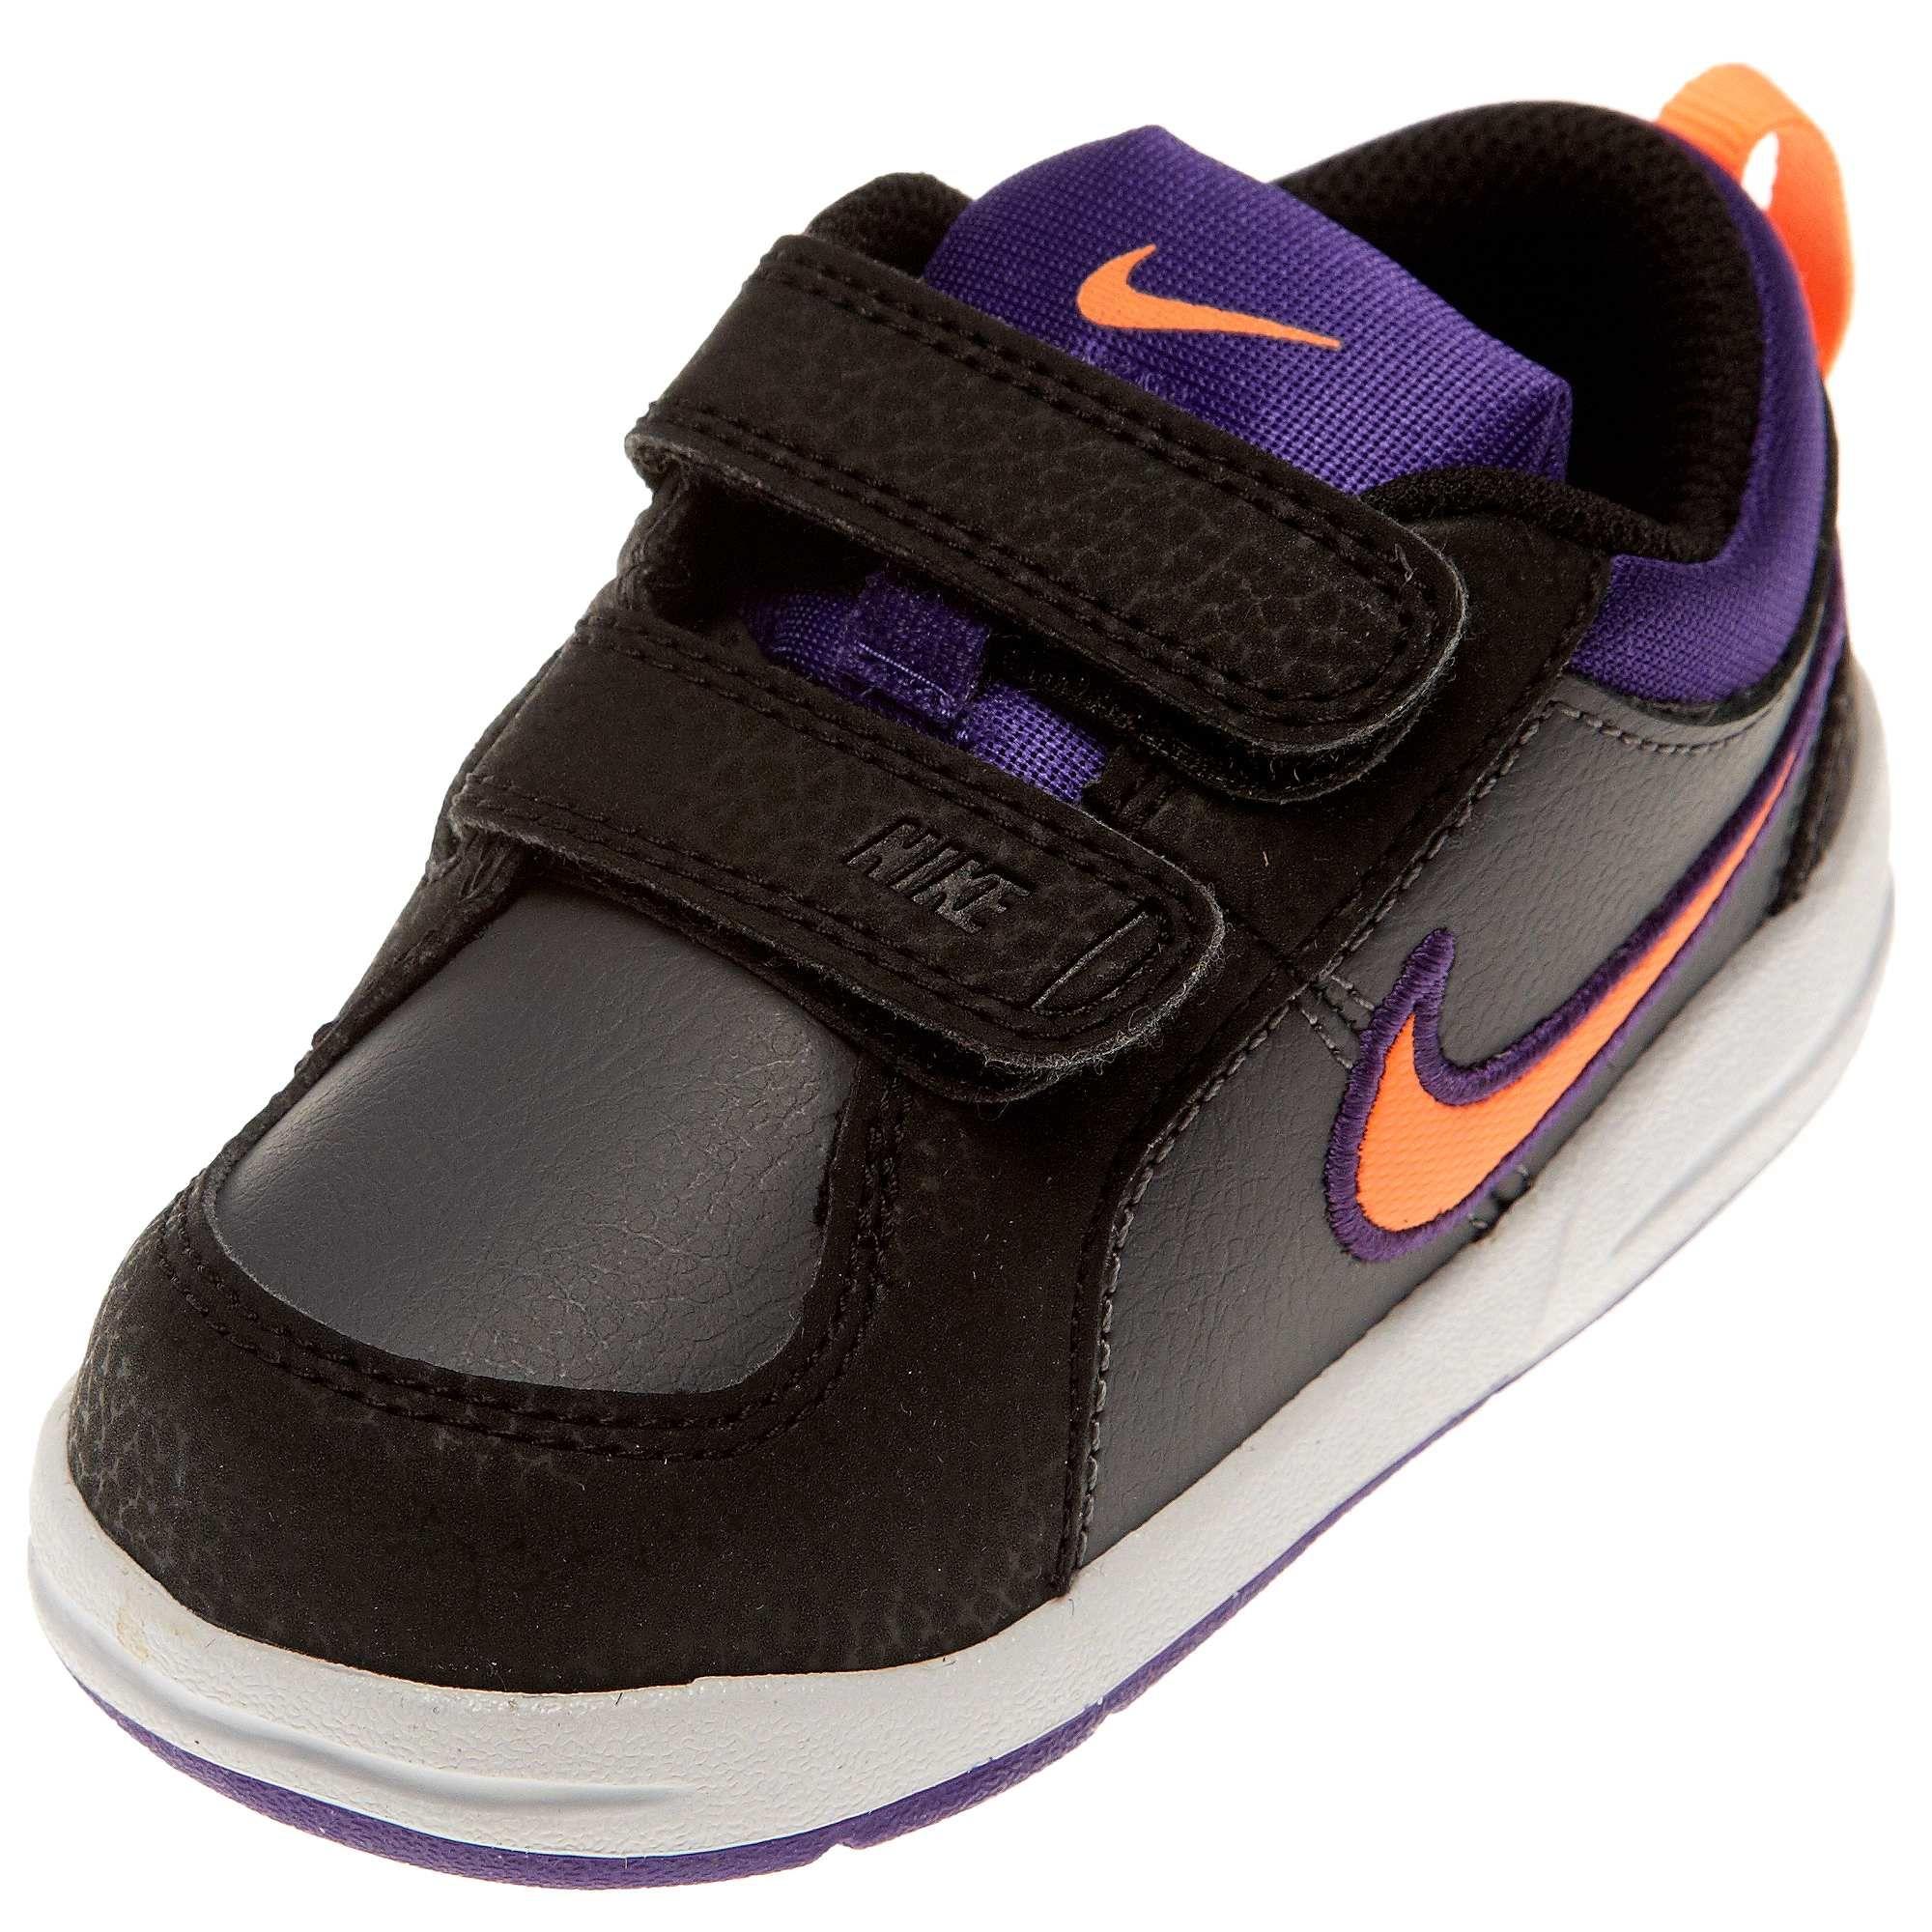 Zapatillas deportivas 'Nike' con Infantil cierre autoadherente Infantil con niño 64af5f